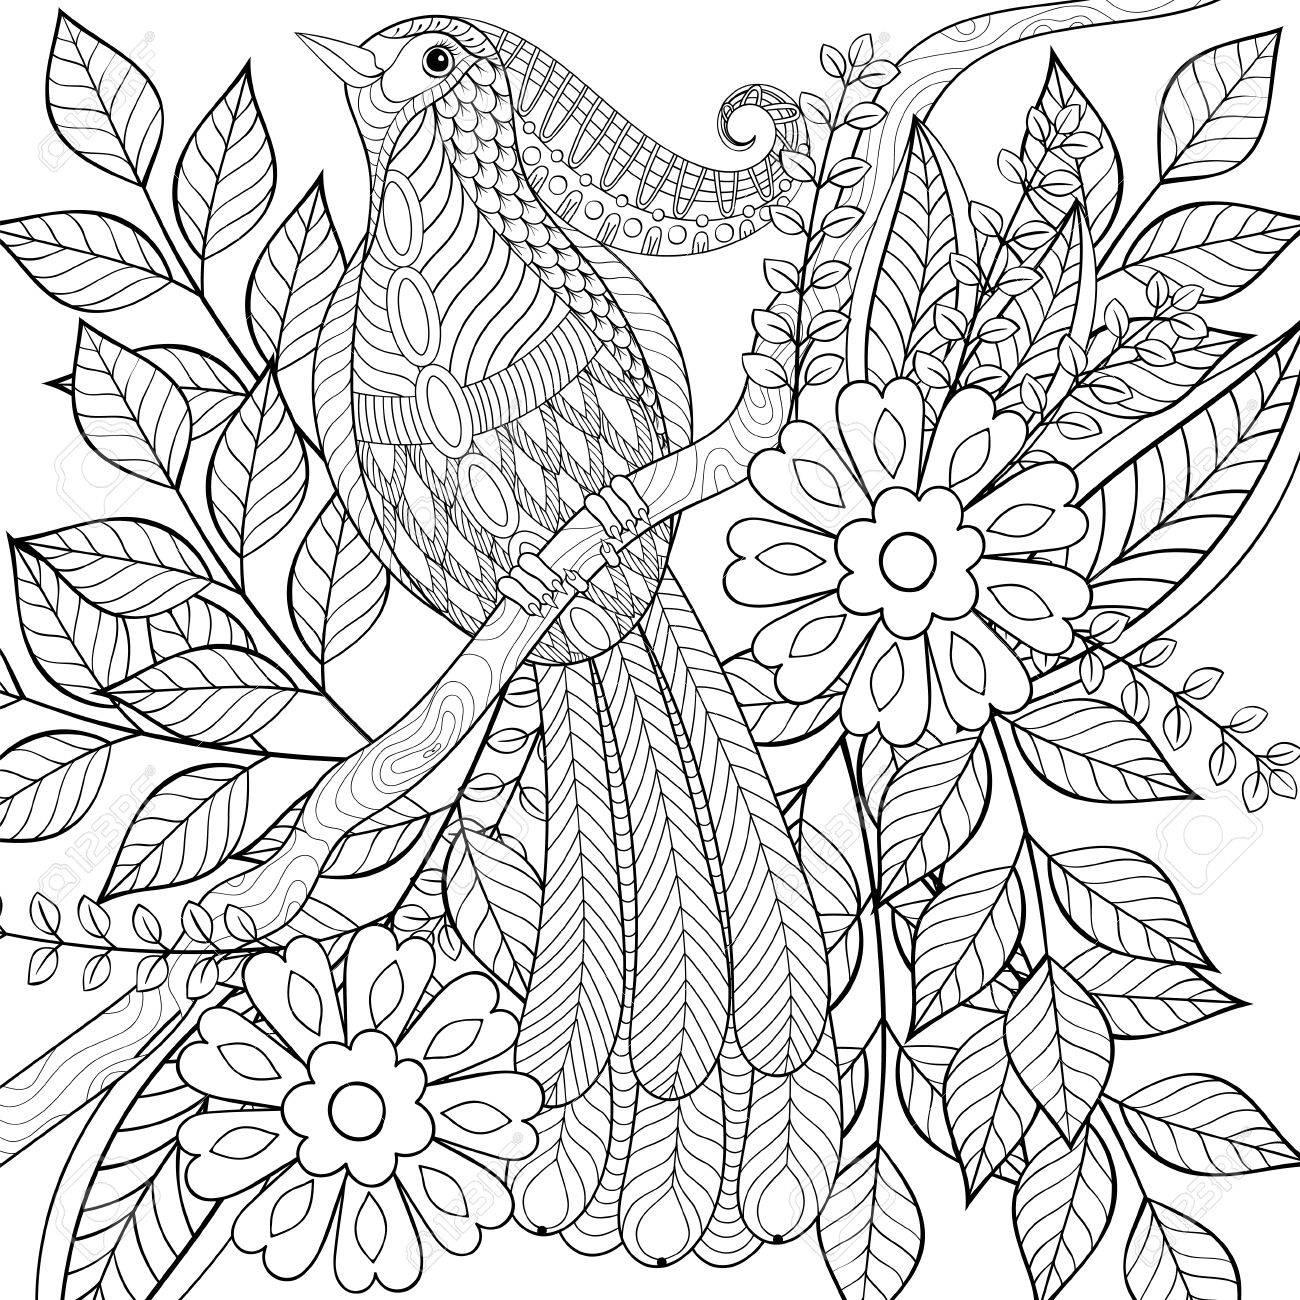 Adulte Anti Stress Coloriage Oiseau Tropical Exotique Dessiné à La Main Zentangle Assis Sur Une Branche D Arbre Fleurissant Avec Des Fleurs Mignonnes